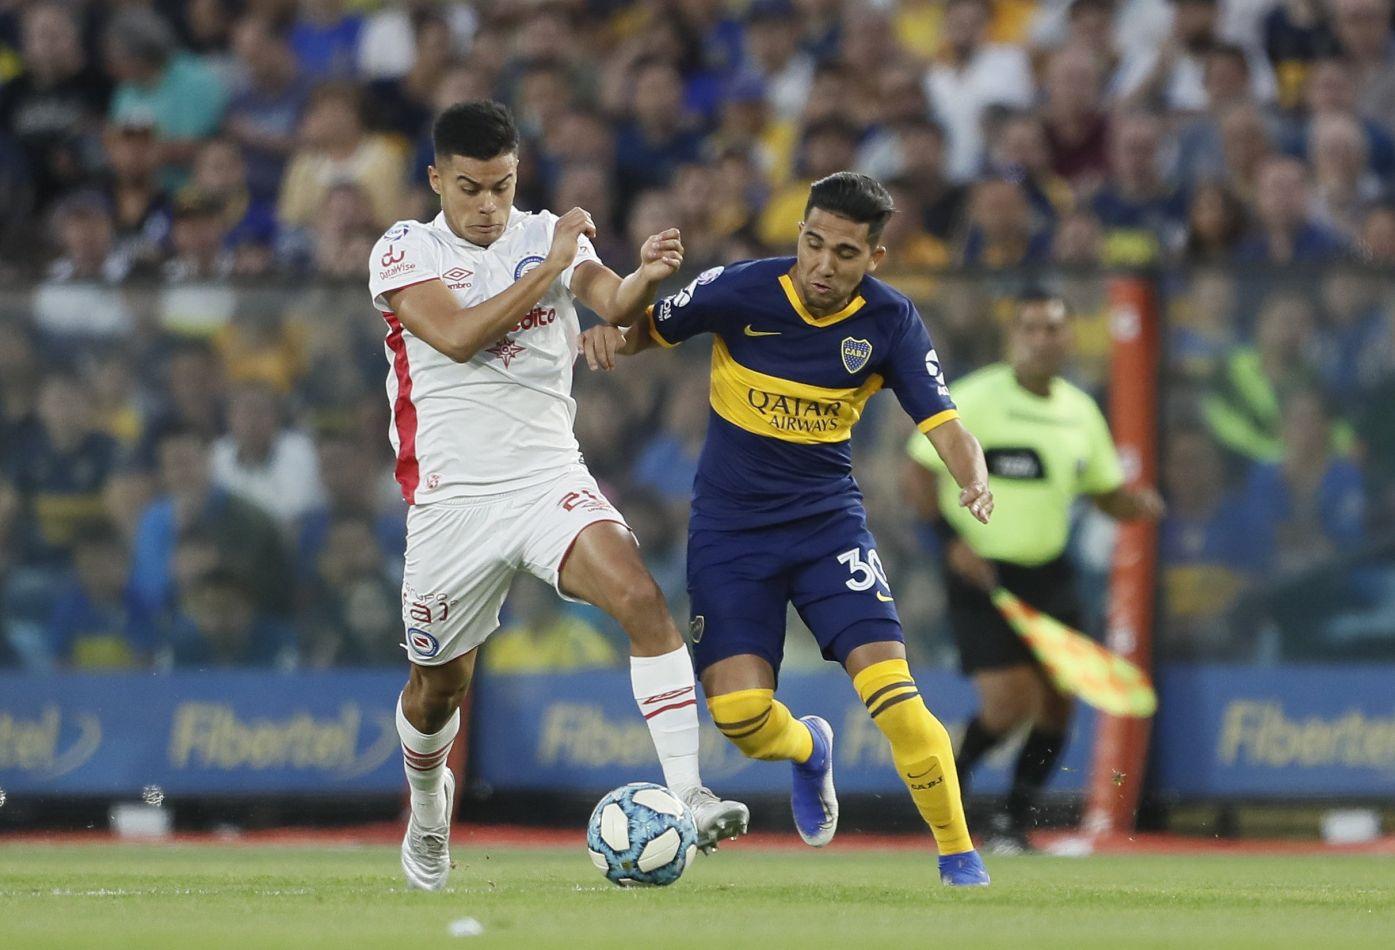 Boca y Argentinos empataron y comparten la punta